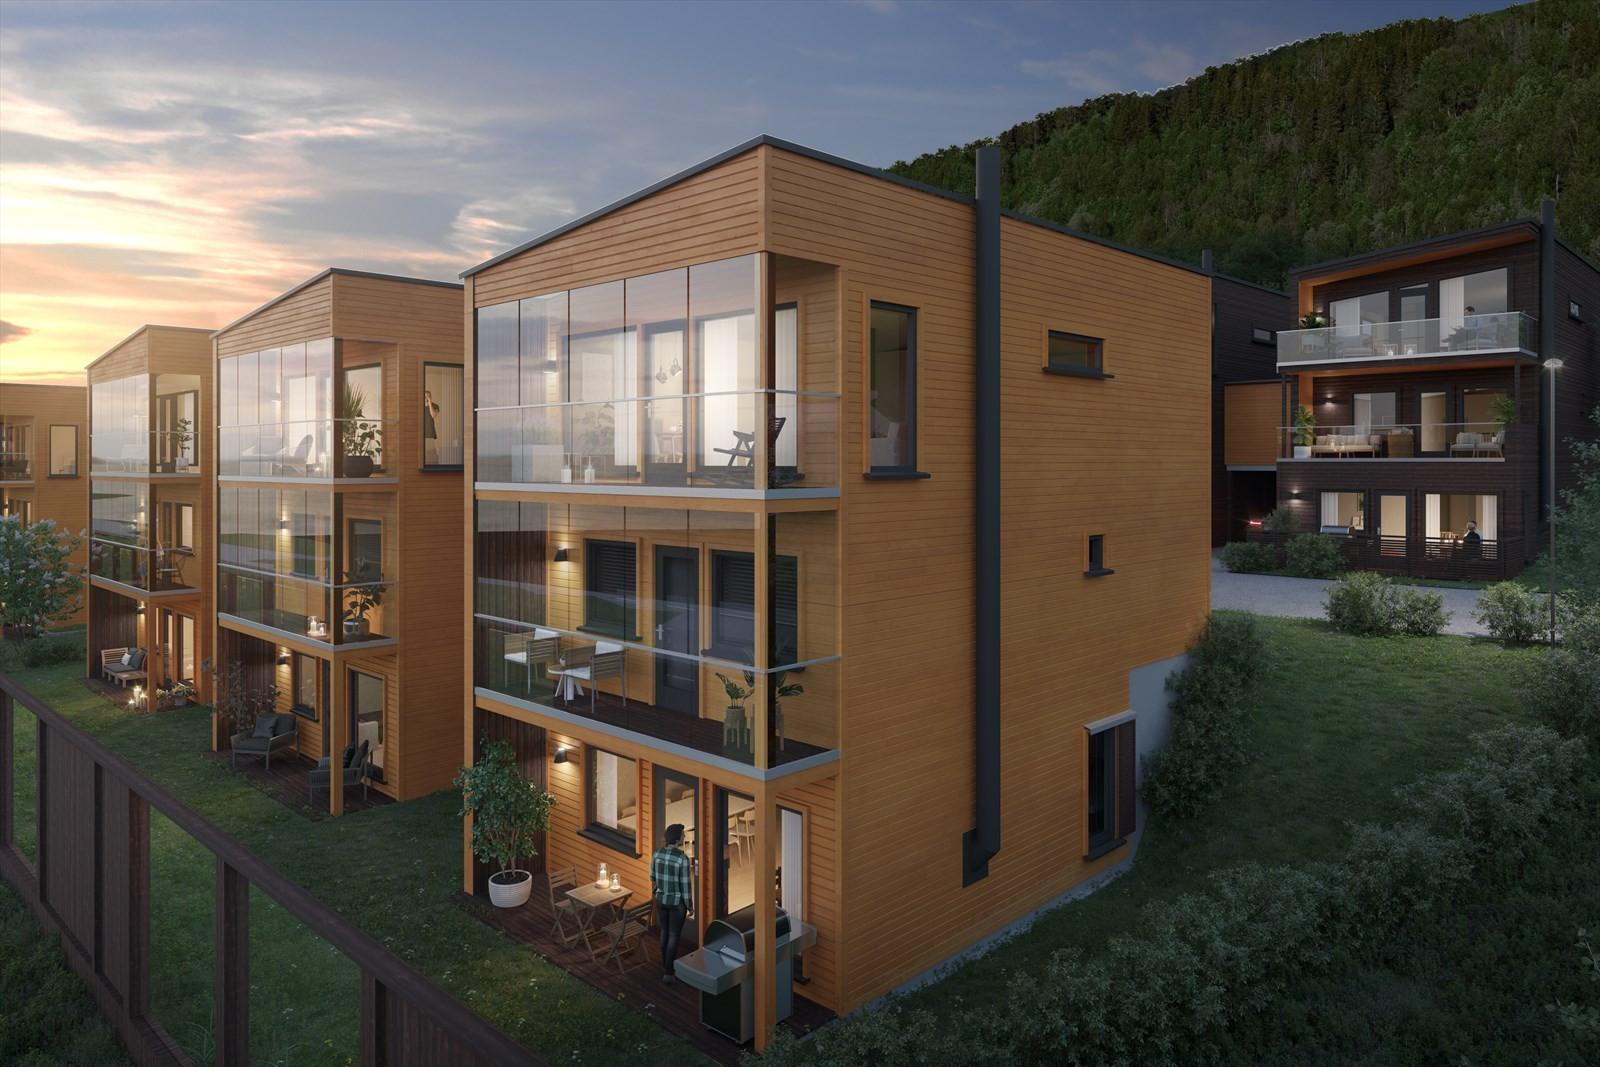 Fløylia er det nyeste boligprosjektet på fastlandet og vil bestå av eneboliger, rekkehus og leiligheter